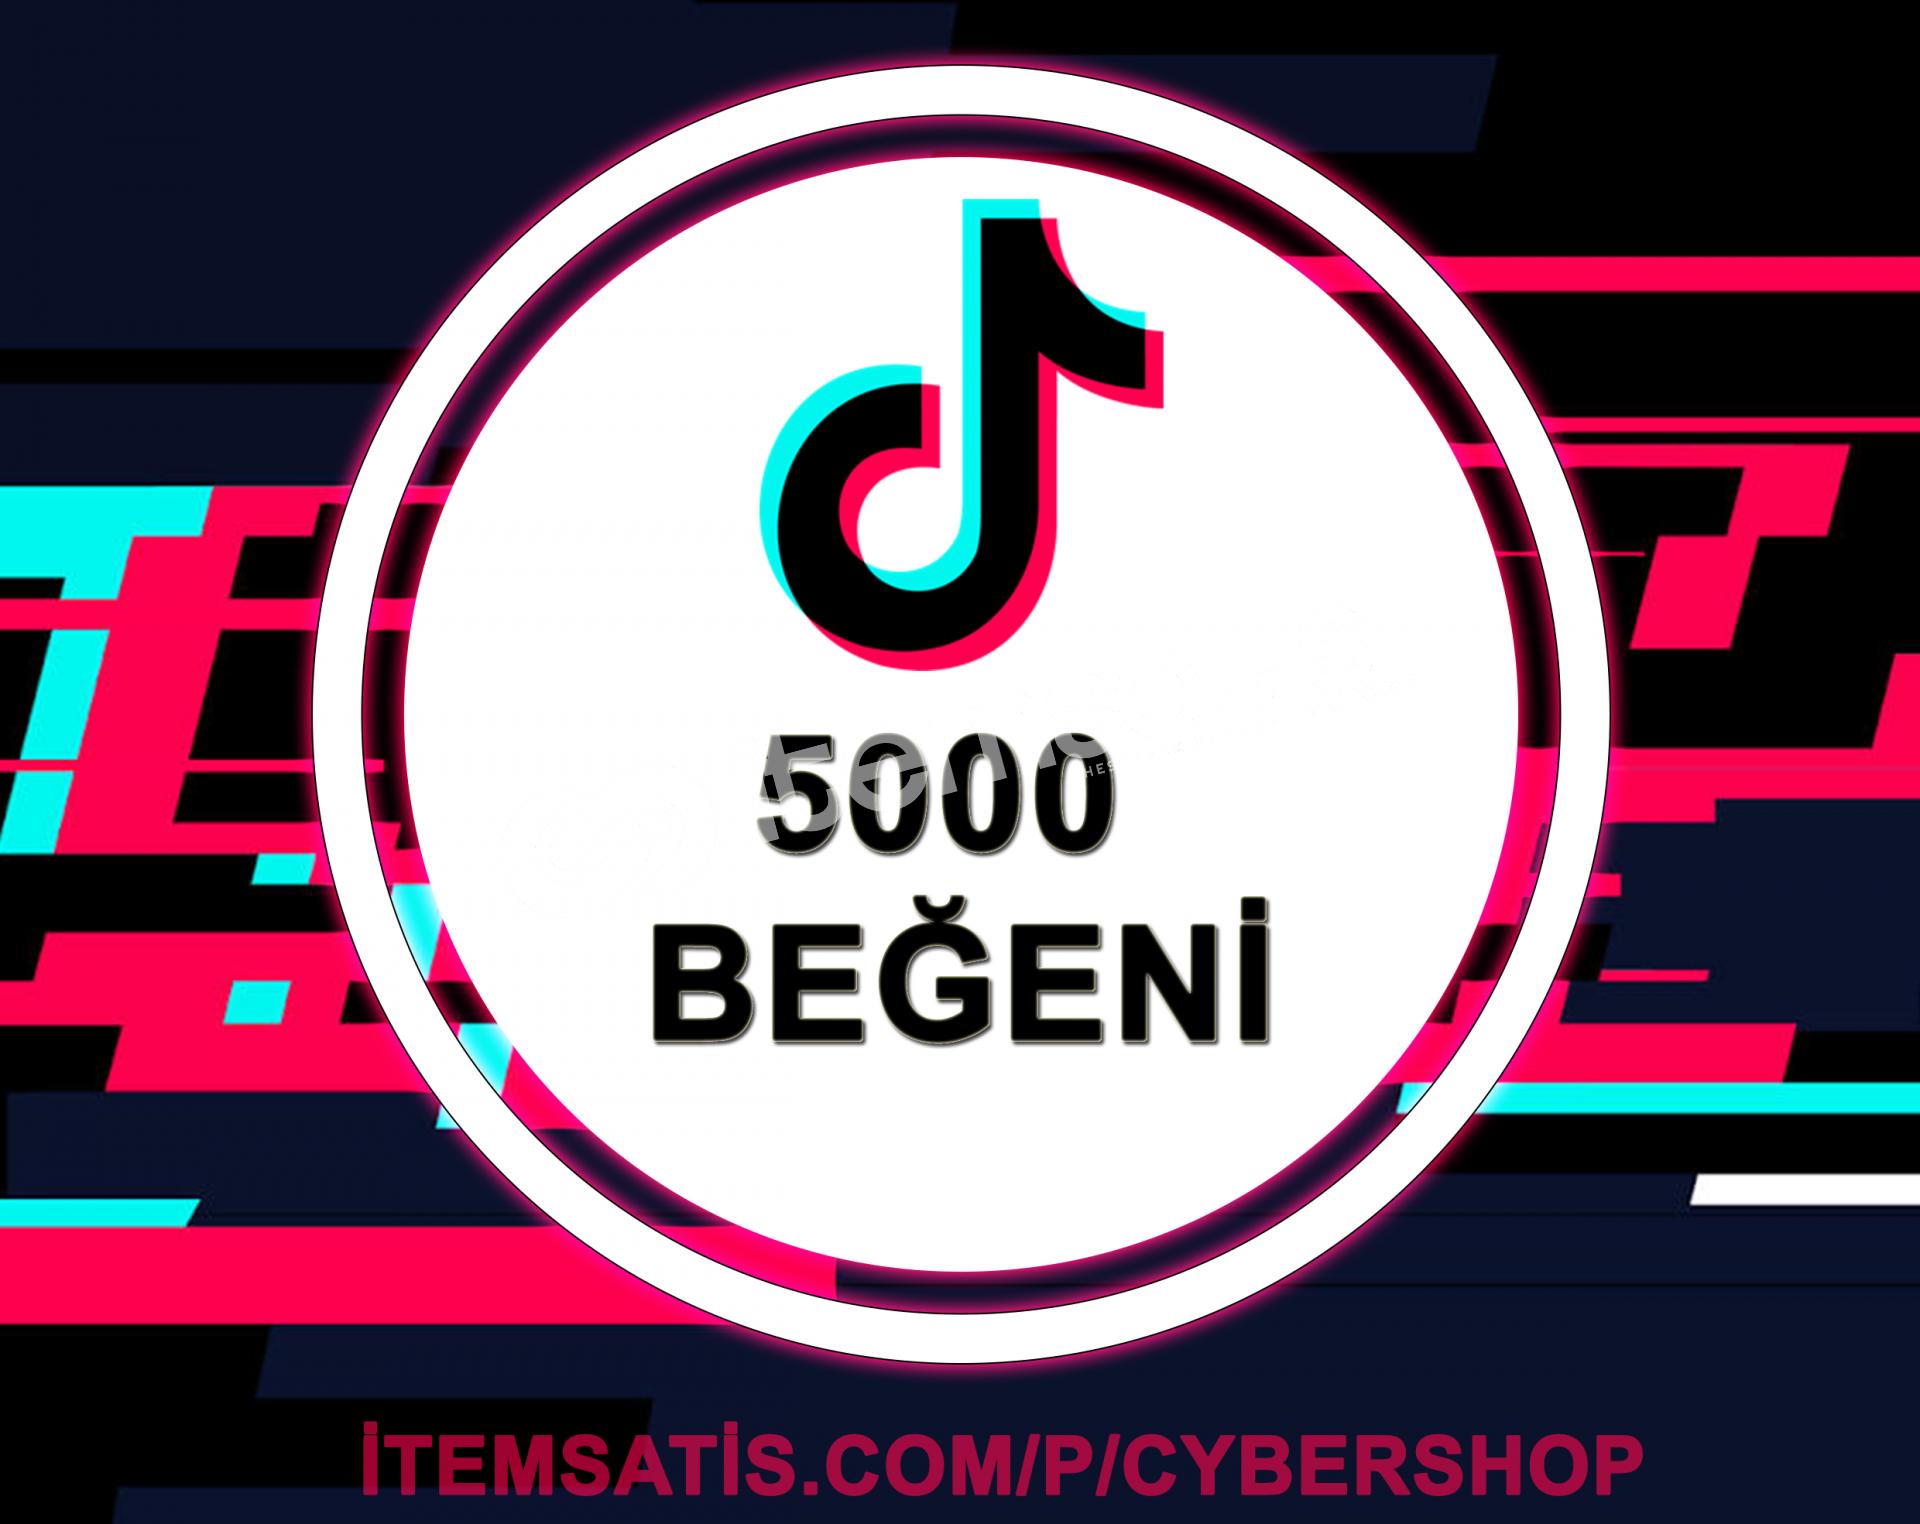 TikTok 5000 Beğeni (Anlık Gönderim)